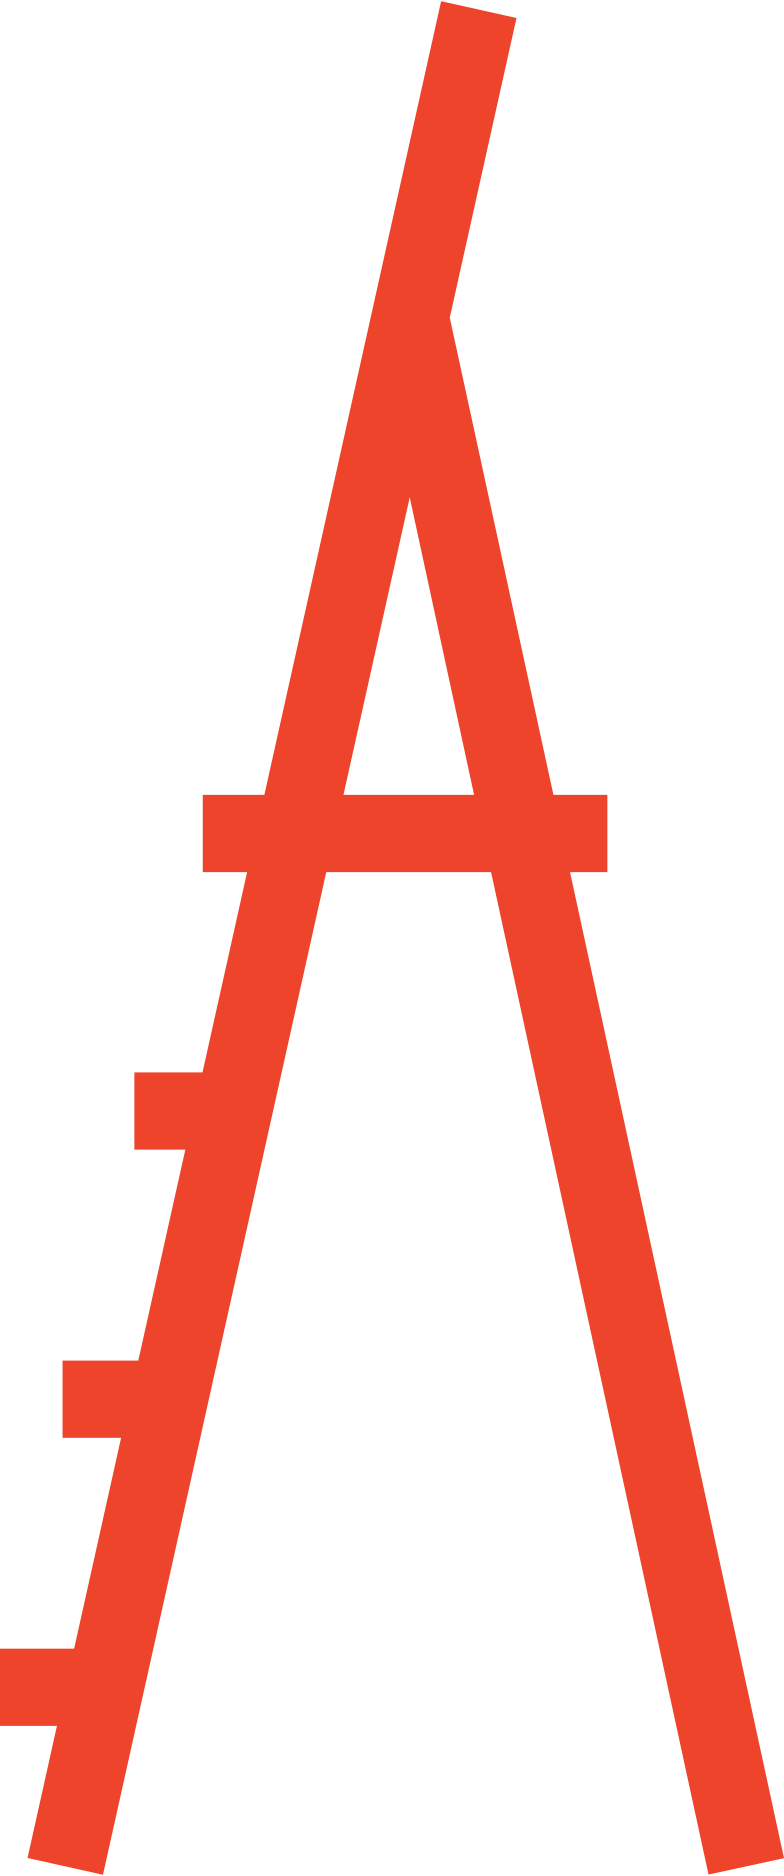 ladder Clipart illustration in PNG, SVG